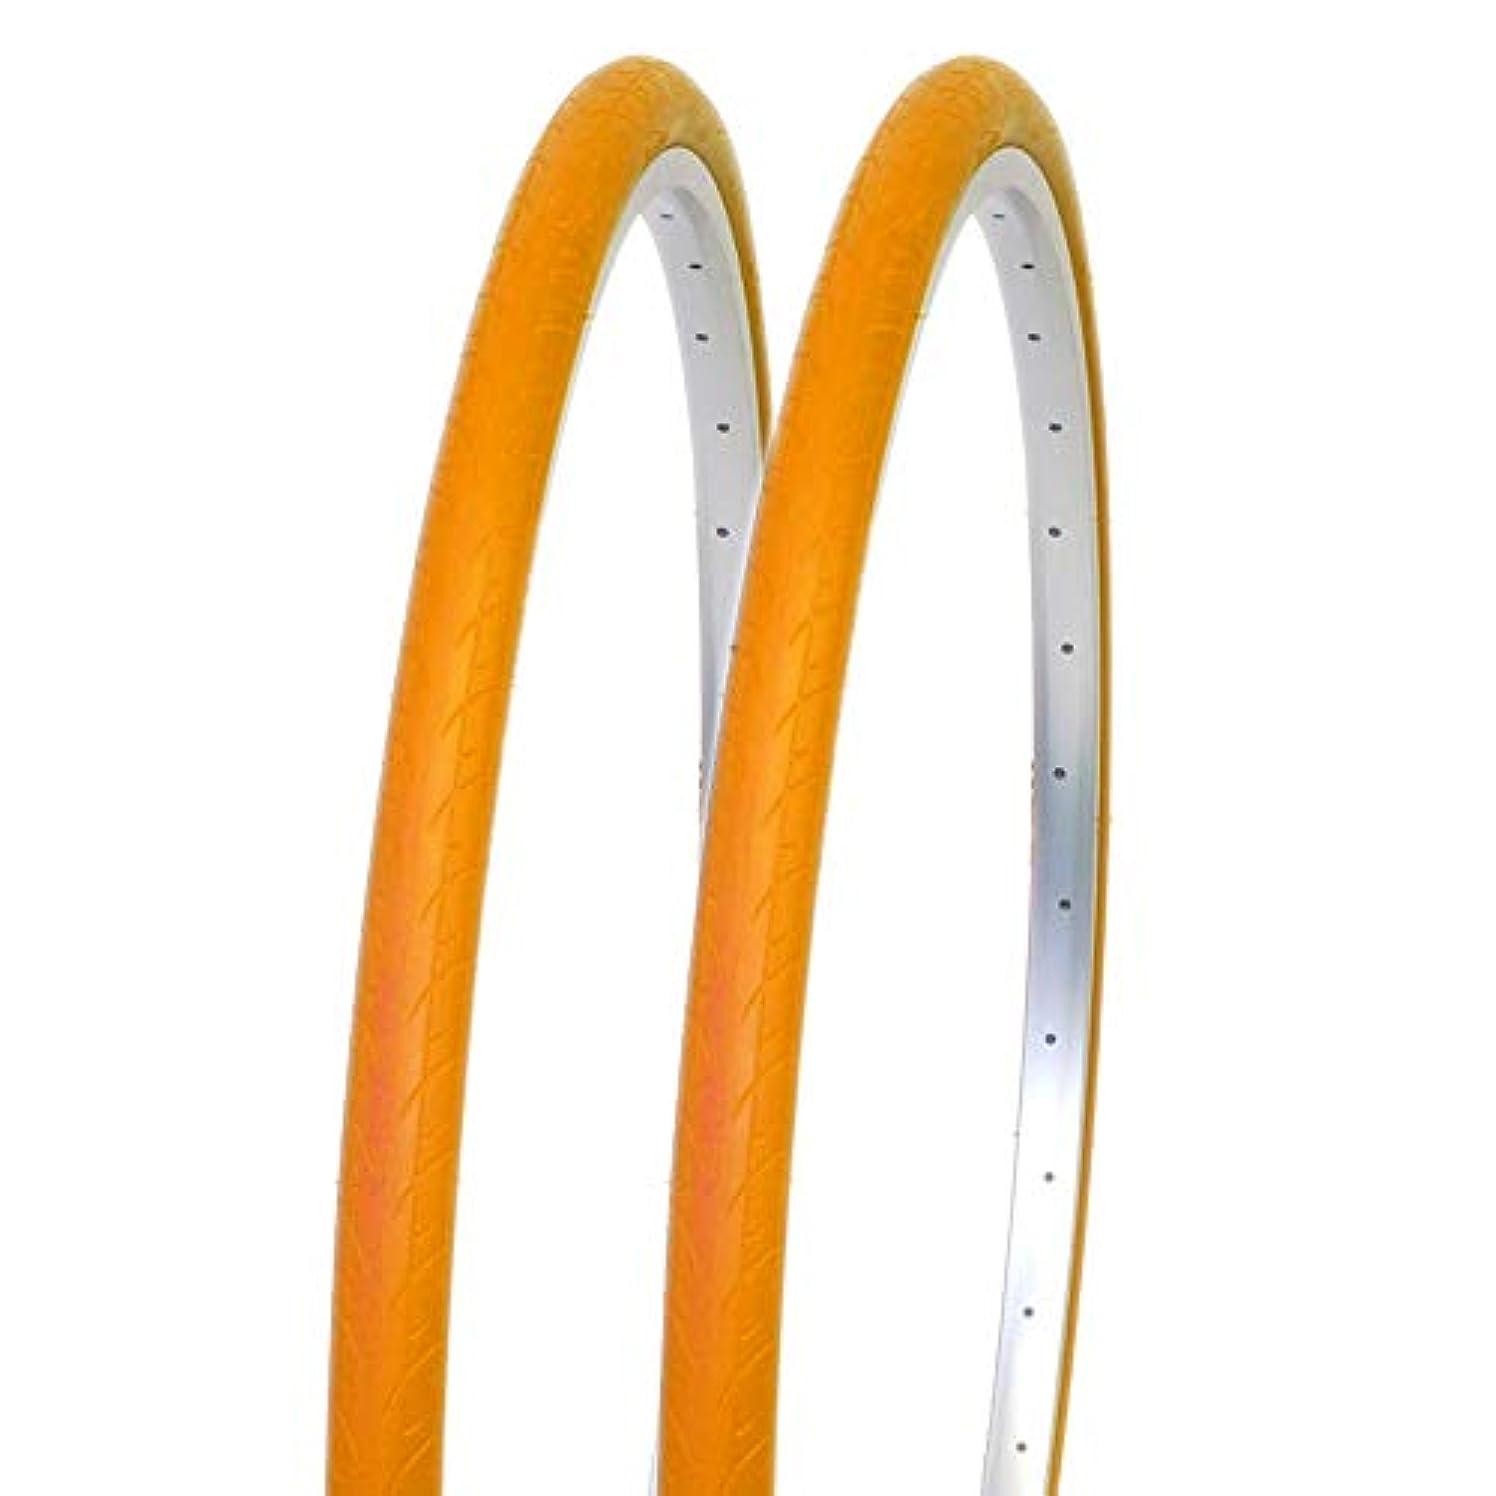 長くするラバ上向きDURO デュロ 自転車 タイヤ 700x28C カラータイヤ 2本セット 700C DB-7043 STINGER クロスバイク ロードバイク (オレンジ)